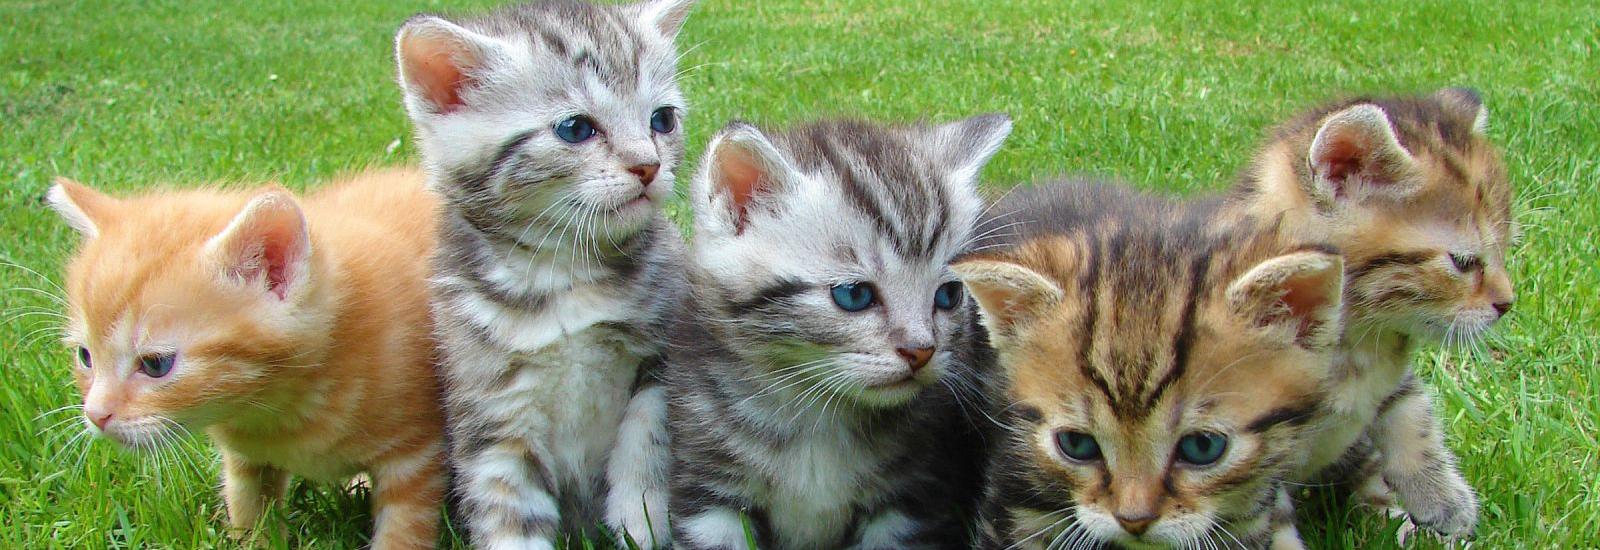 kittens banner image